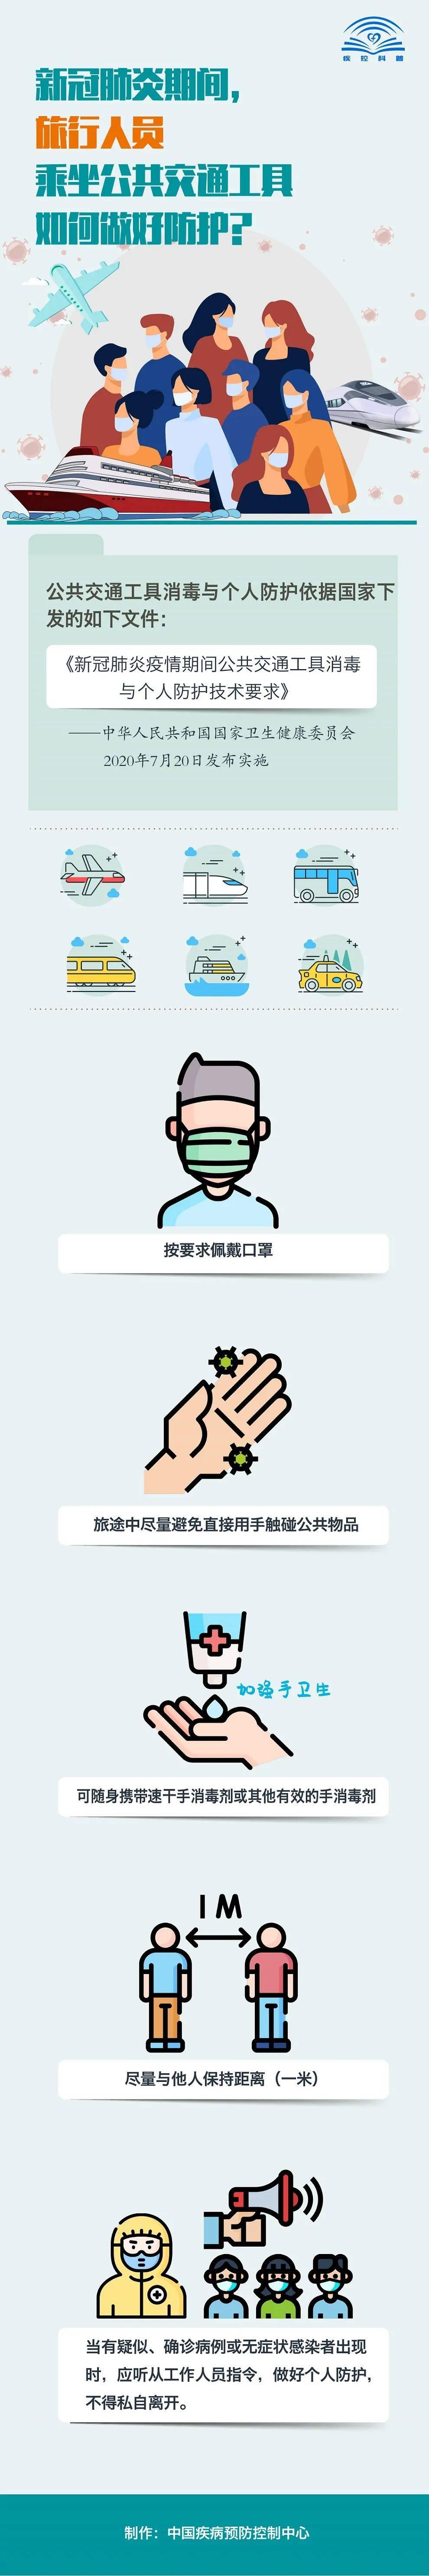 【健康科普】新冠肺炎期间,旅行人员乘坐交通工具如何做好防护?